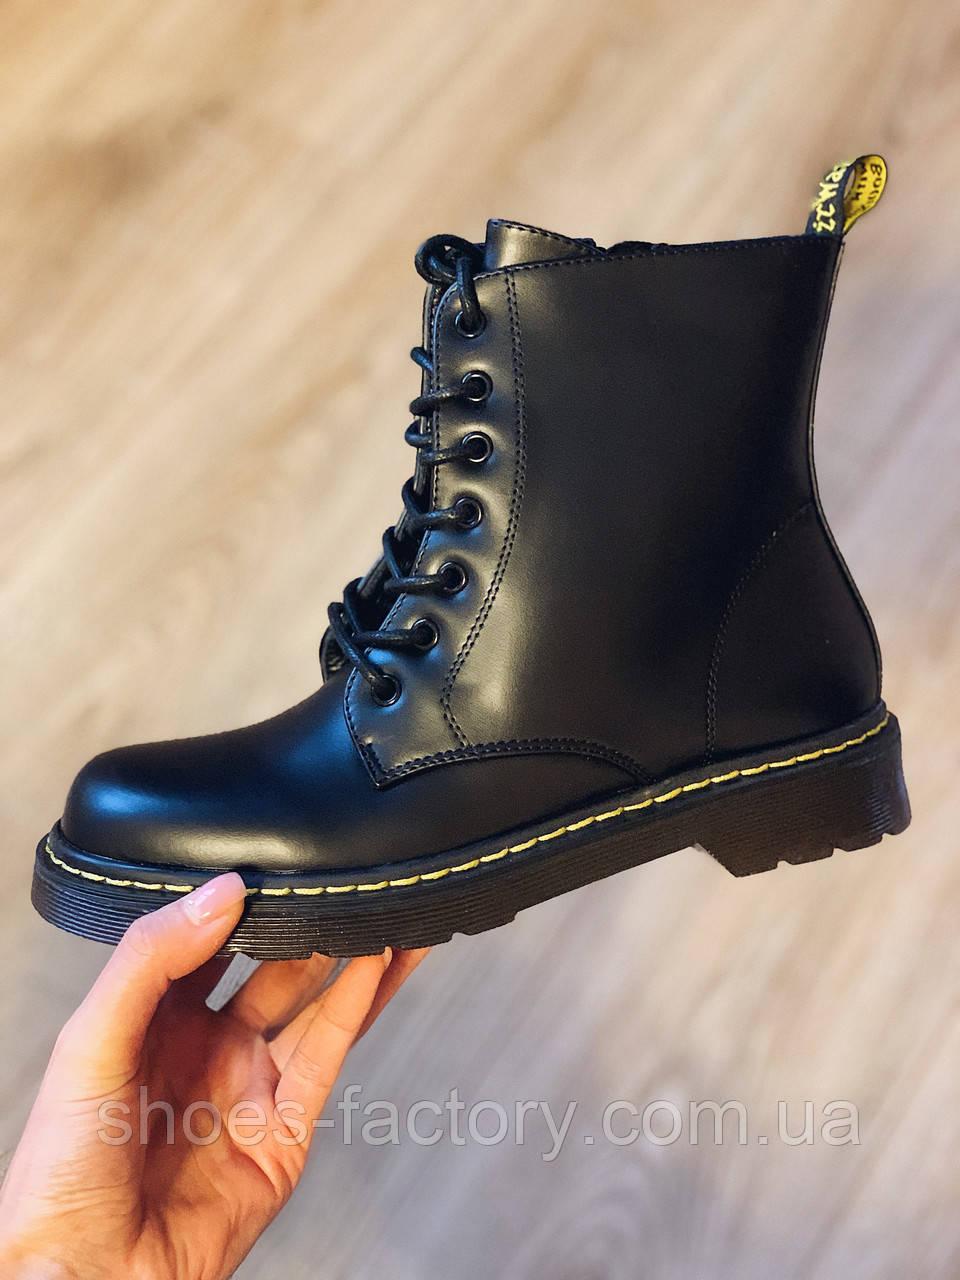 Весенние ботинки в стиле Dr. Martens Доктор Мартинс женские